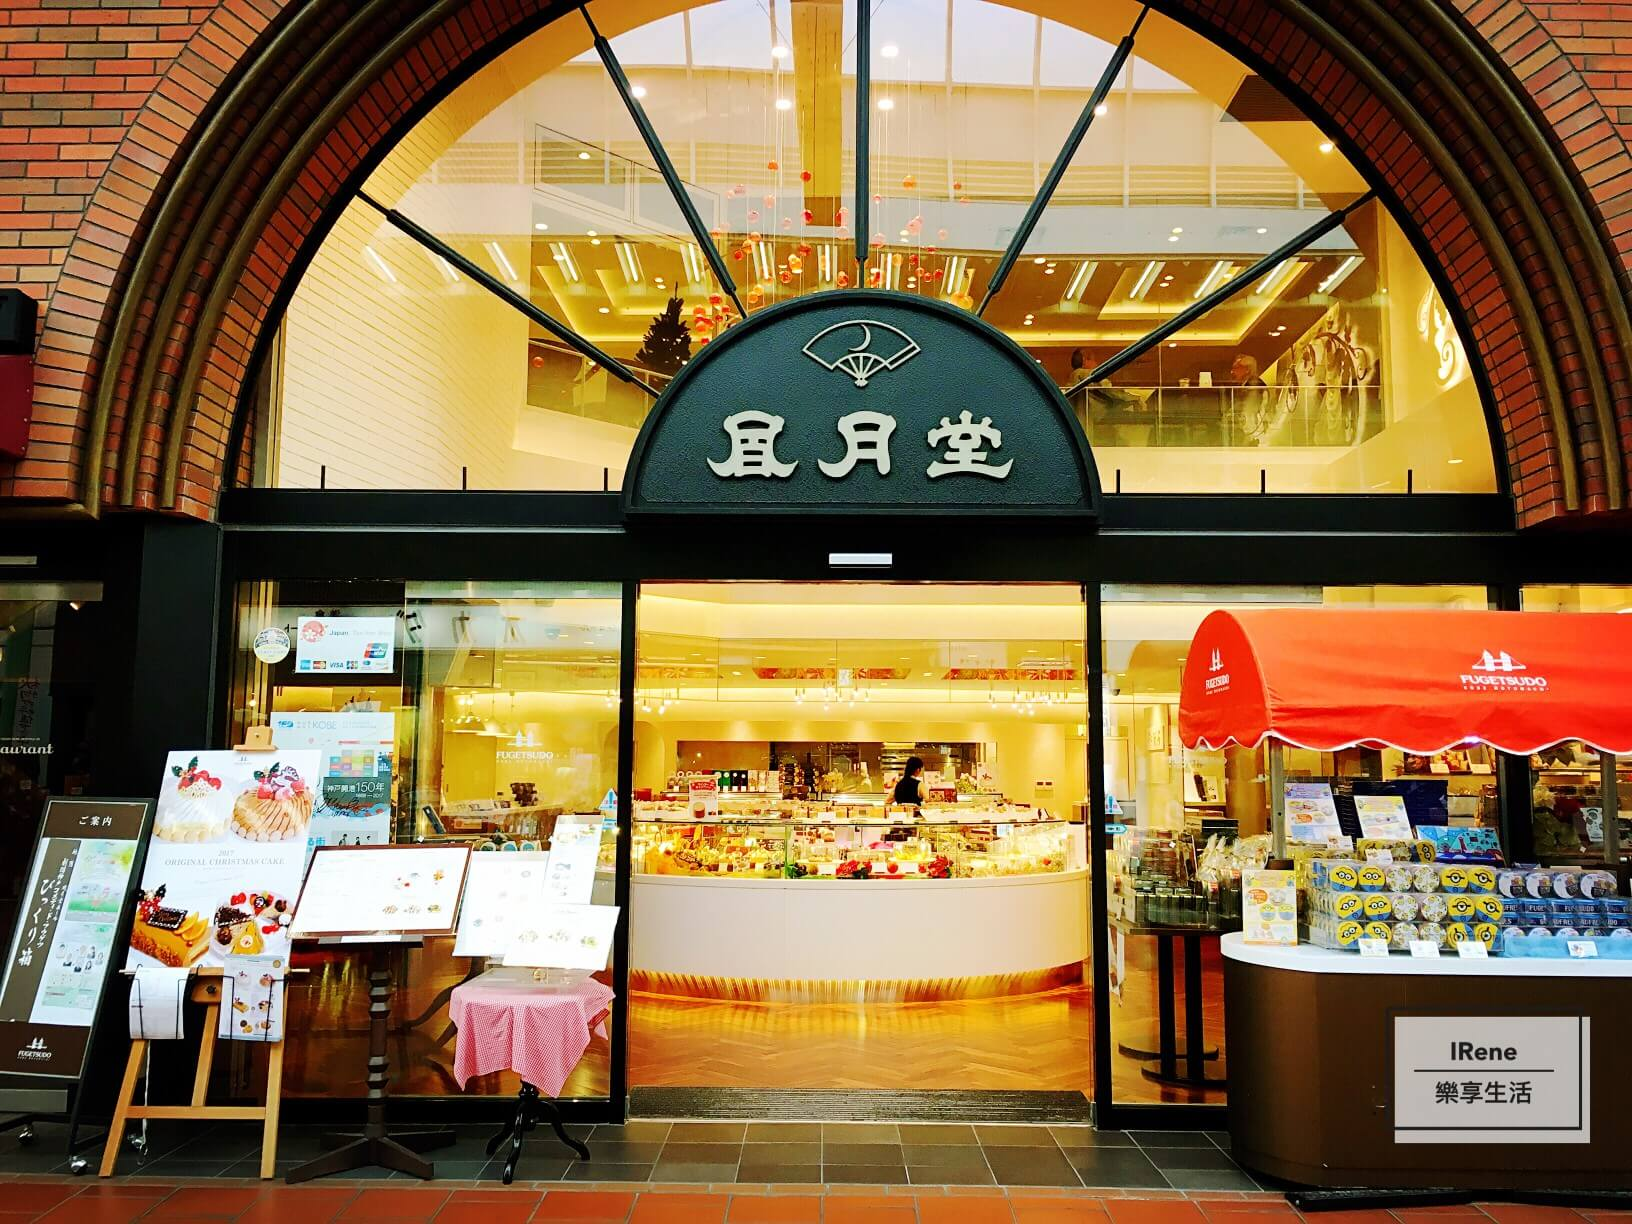 神戶風月堂